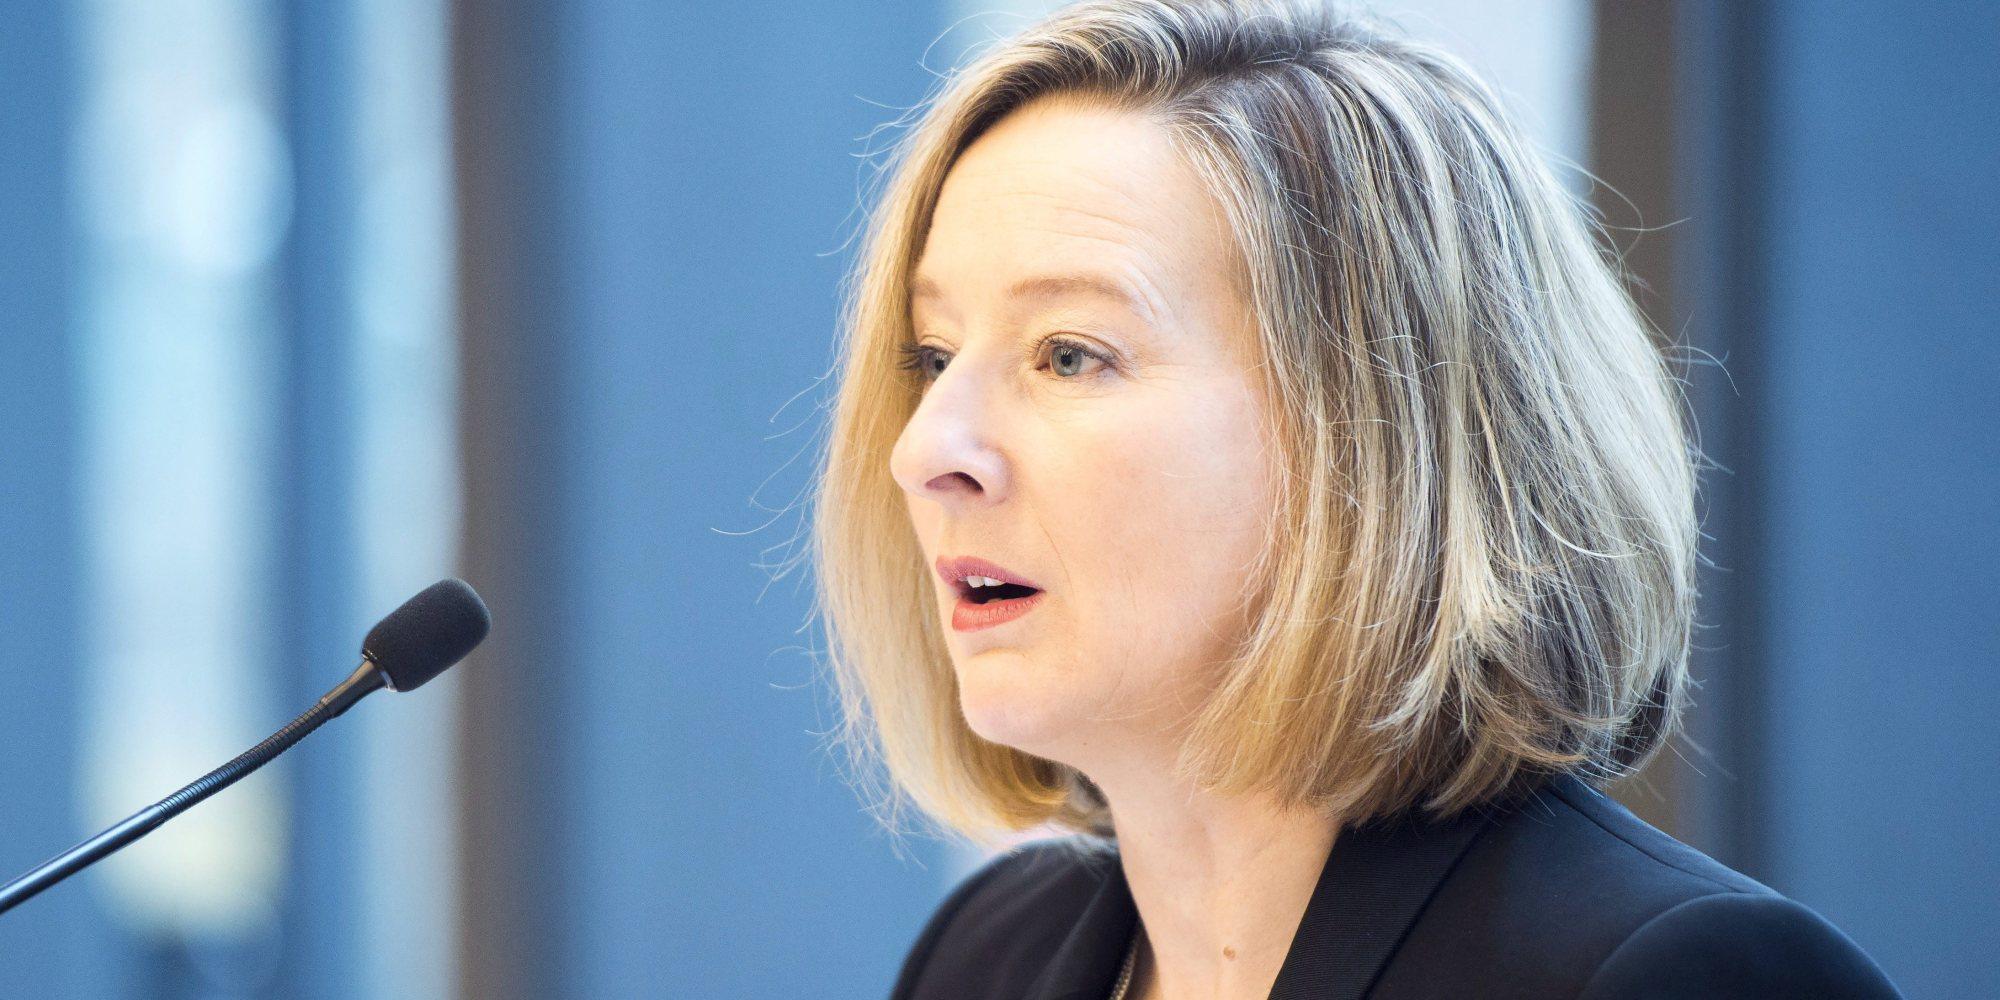 ويلكنز: الاقتصاد الكندي يتحسن بقوة